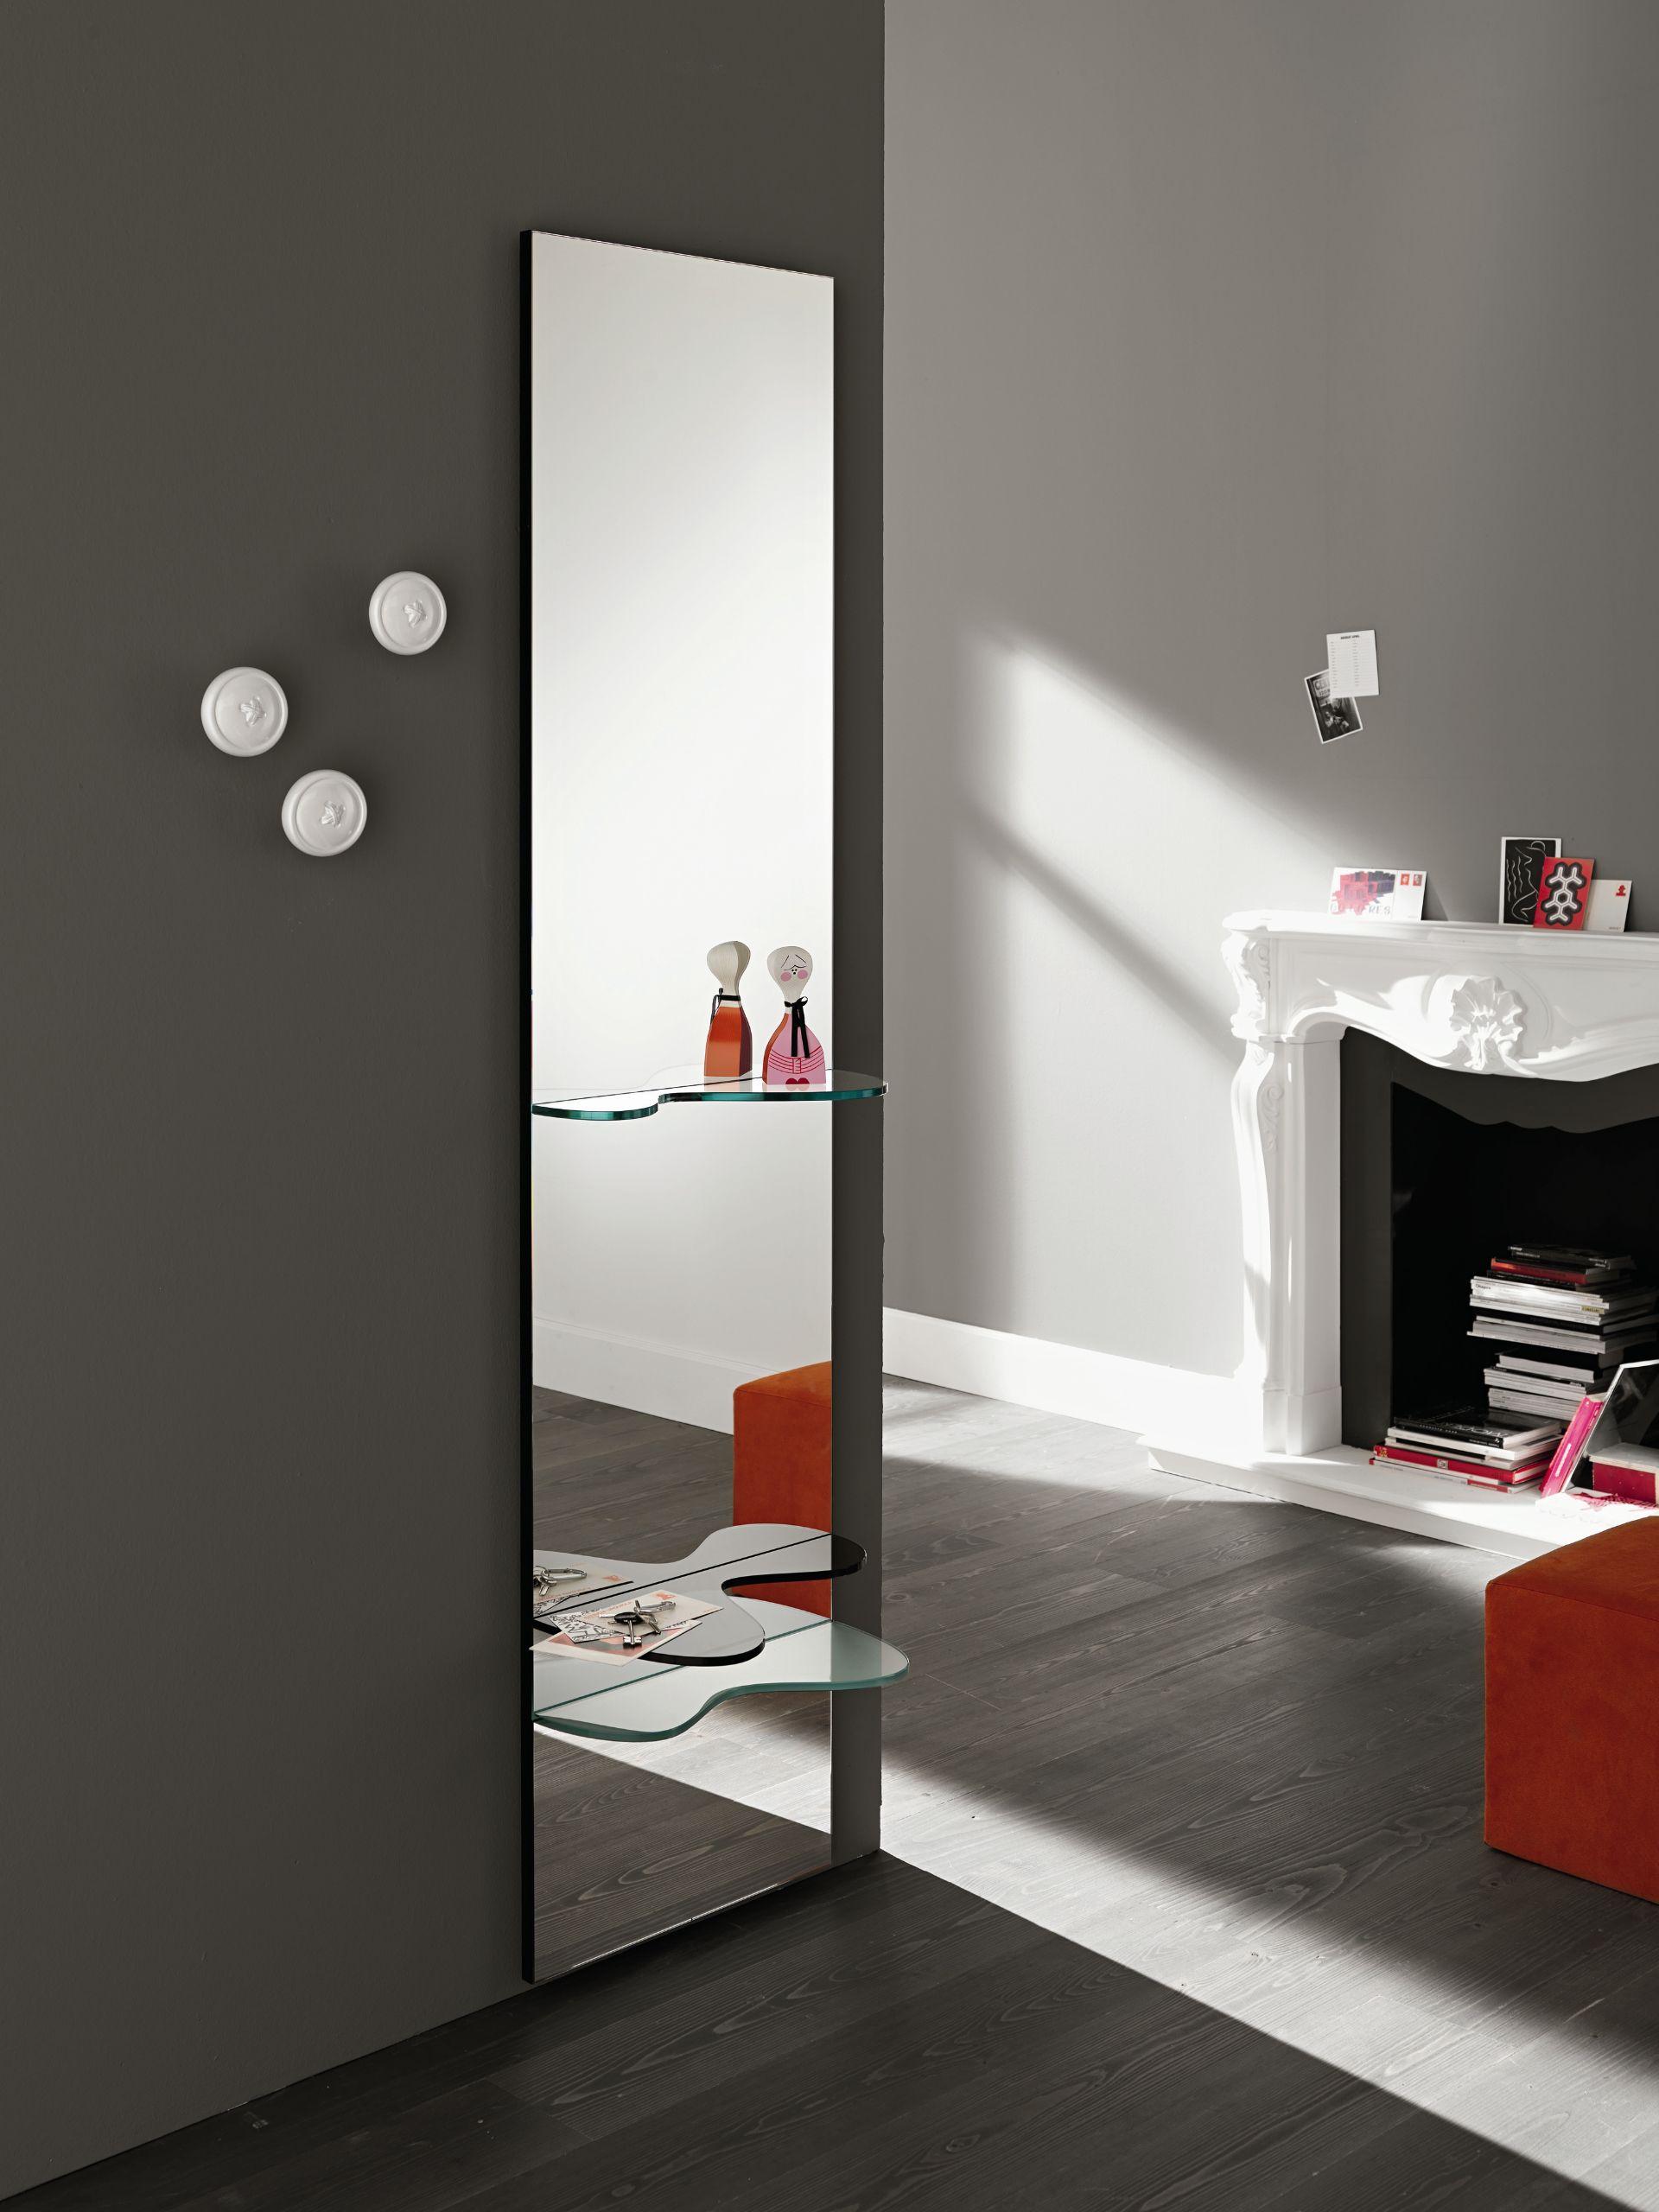 Specchio rettangolare a parete sill by t d tonelli design - Parete a specchio ...